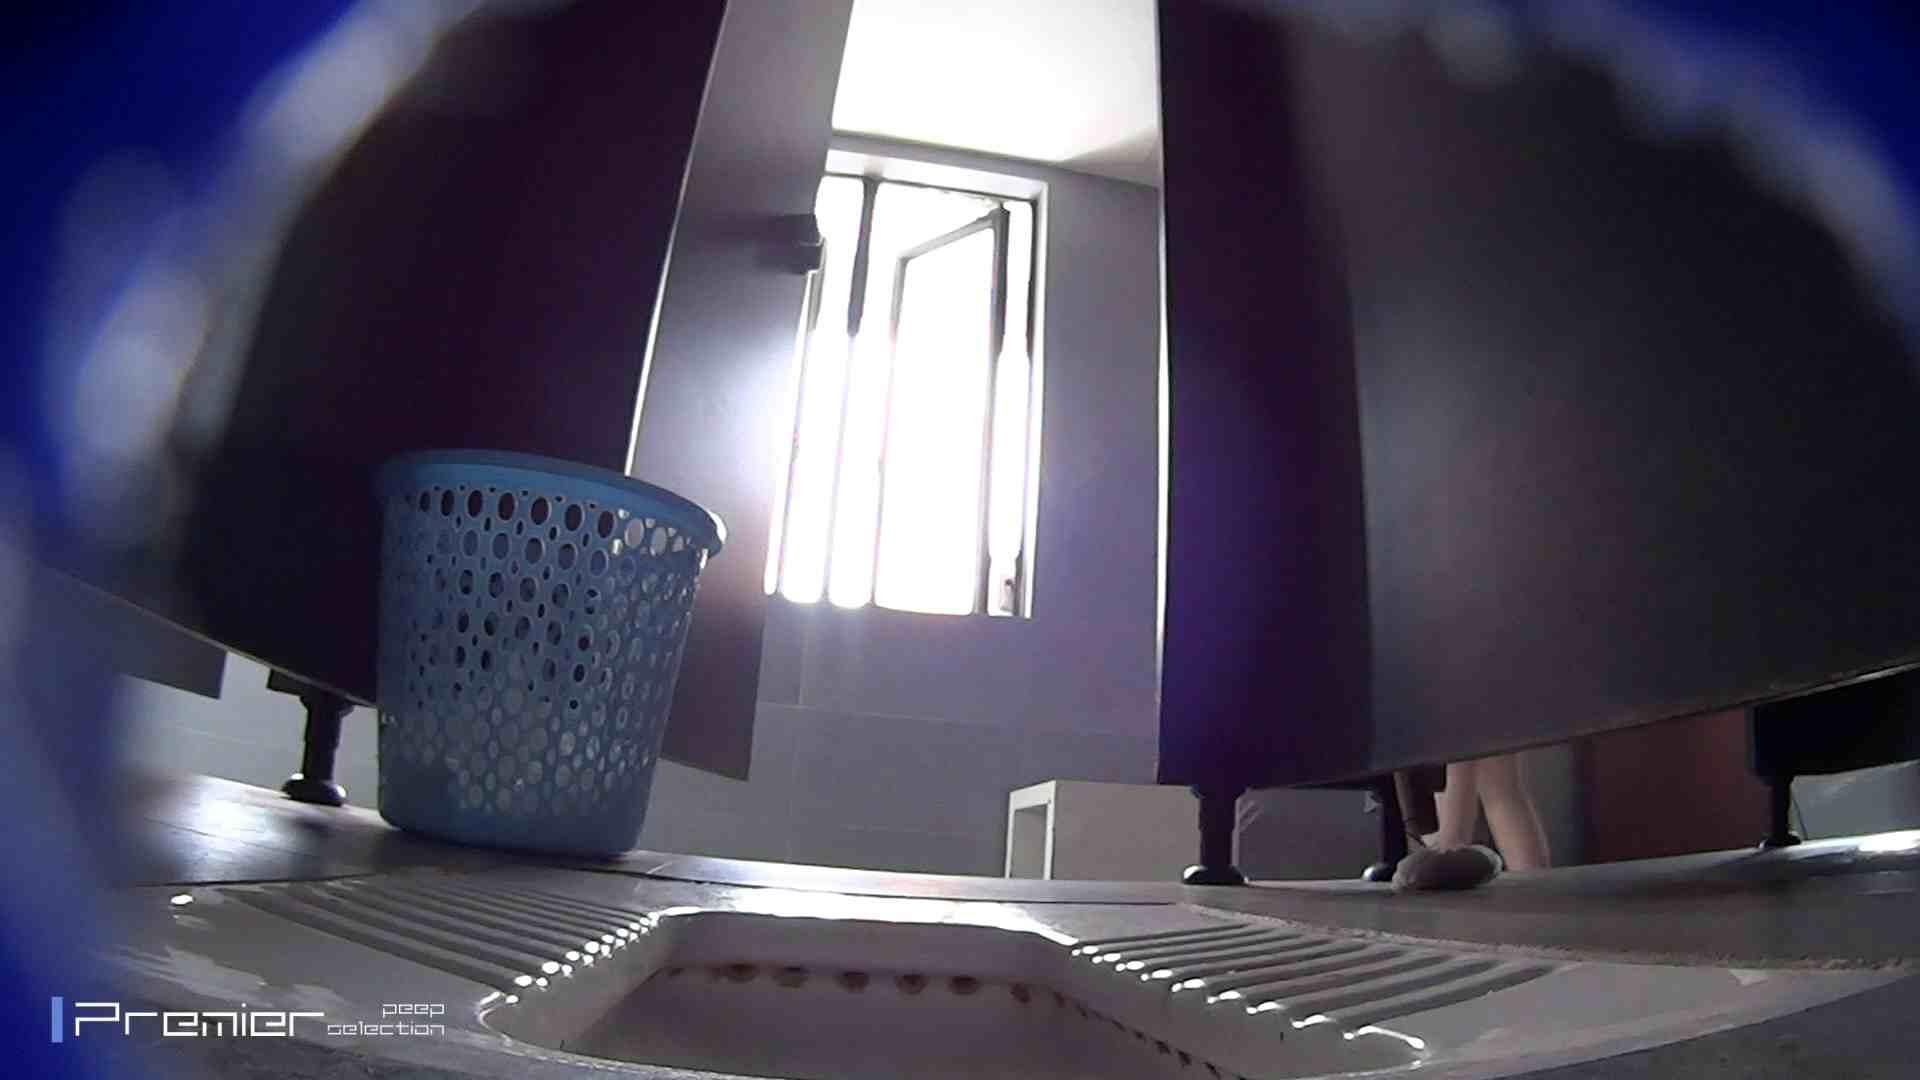 清楚なJDトイレ盗撮 大学休憩時間の洗面所事情41 洗面所 スケベ動画紹介 69画像 62